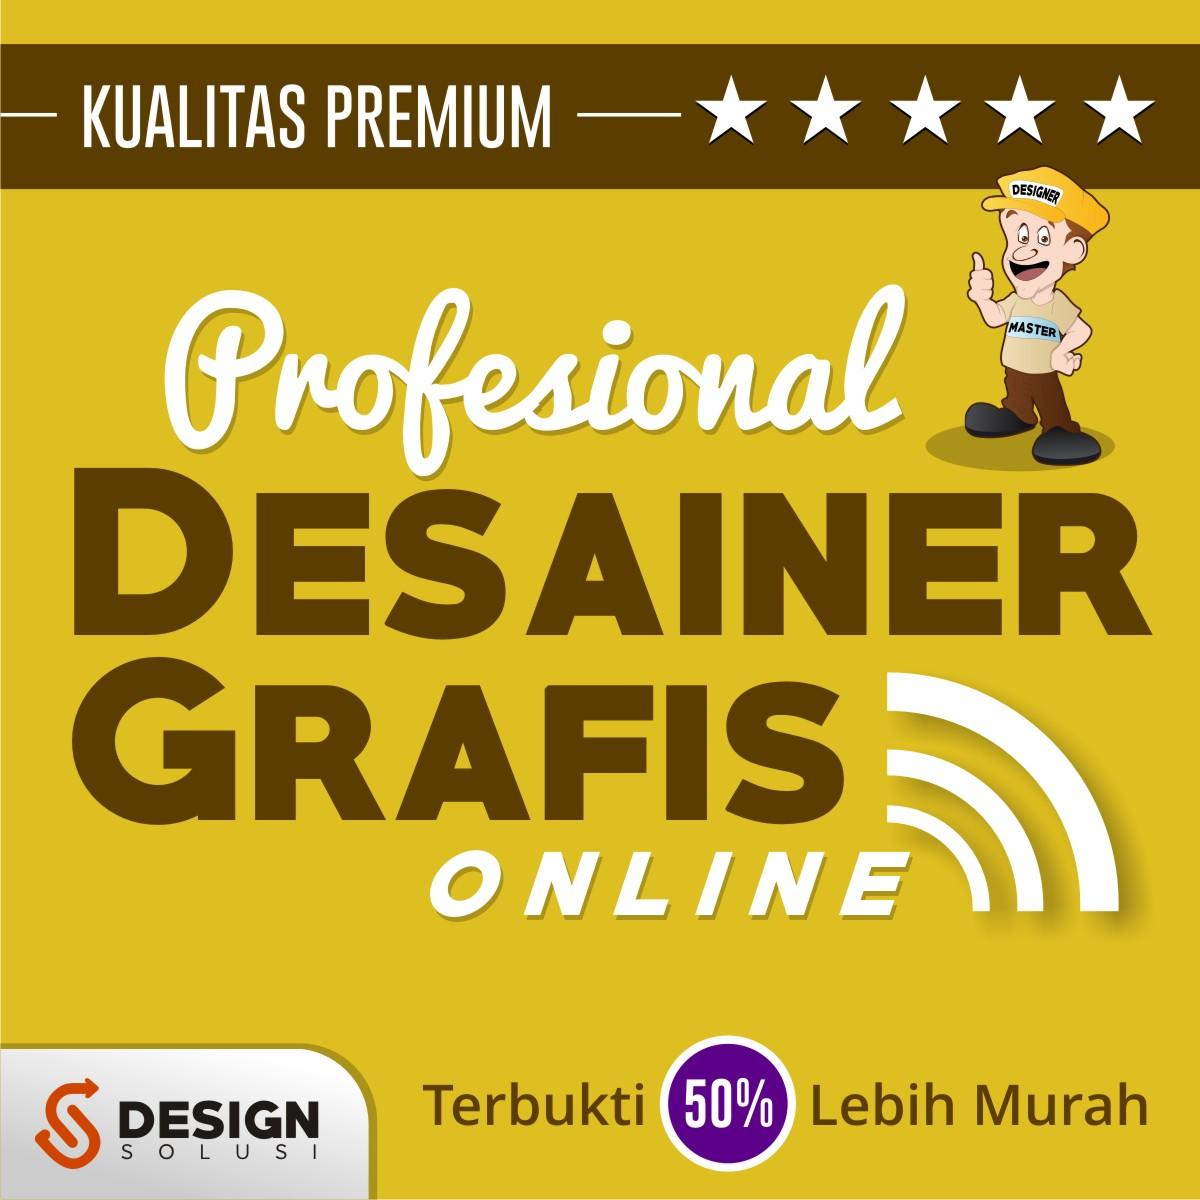 Jasa Desain Online Paling Murah